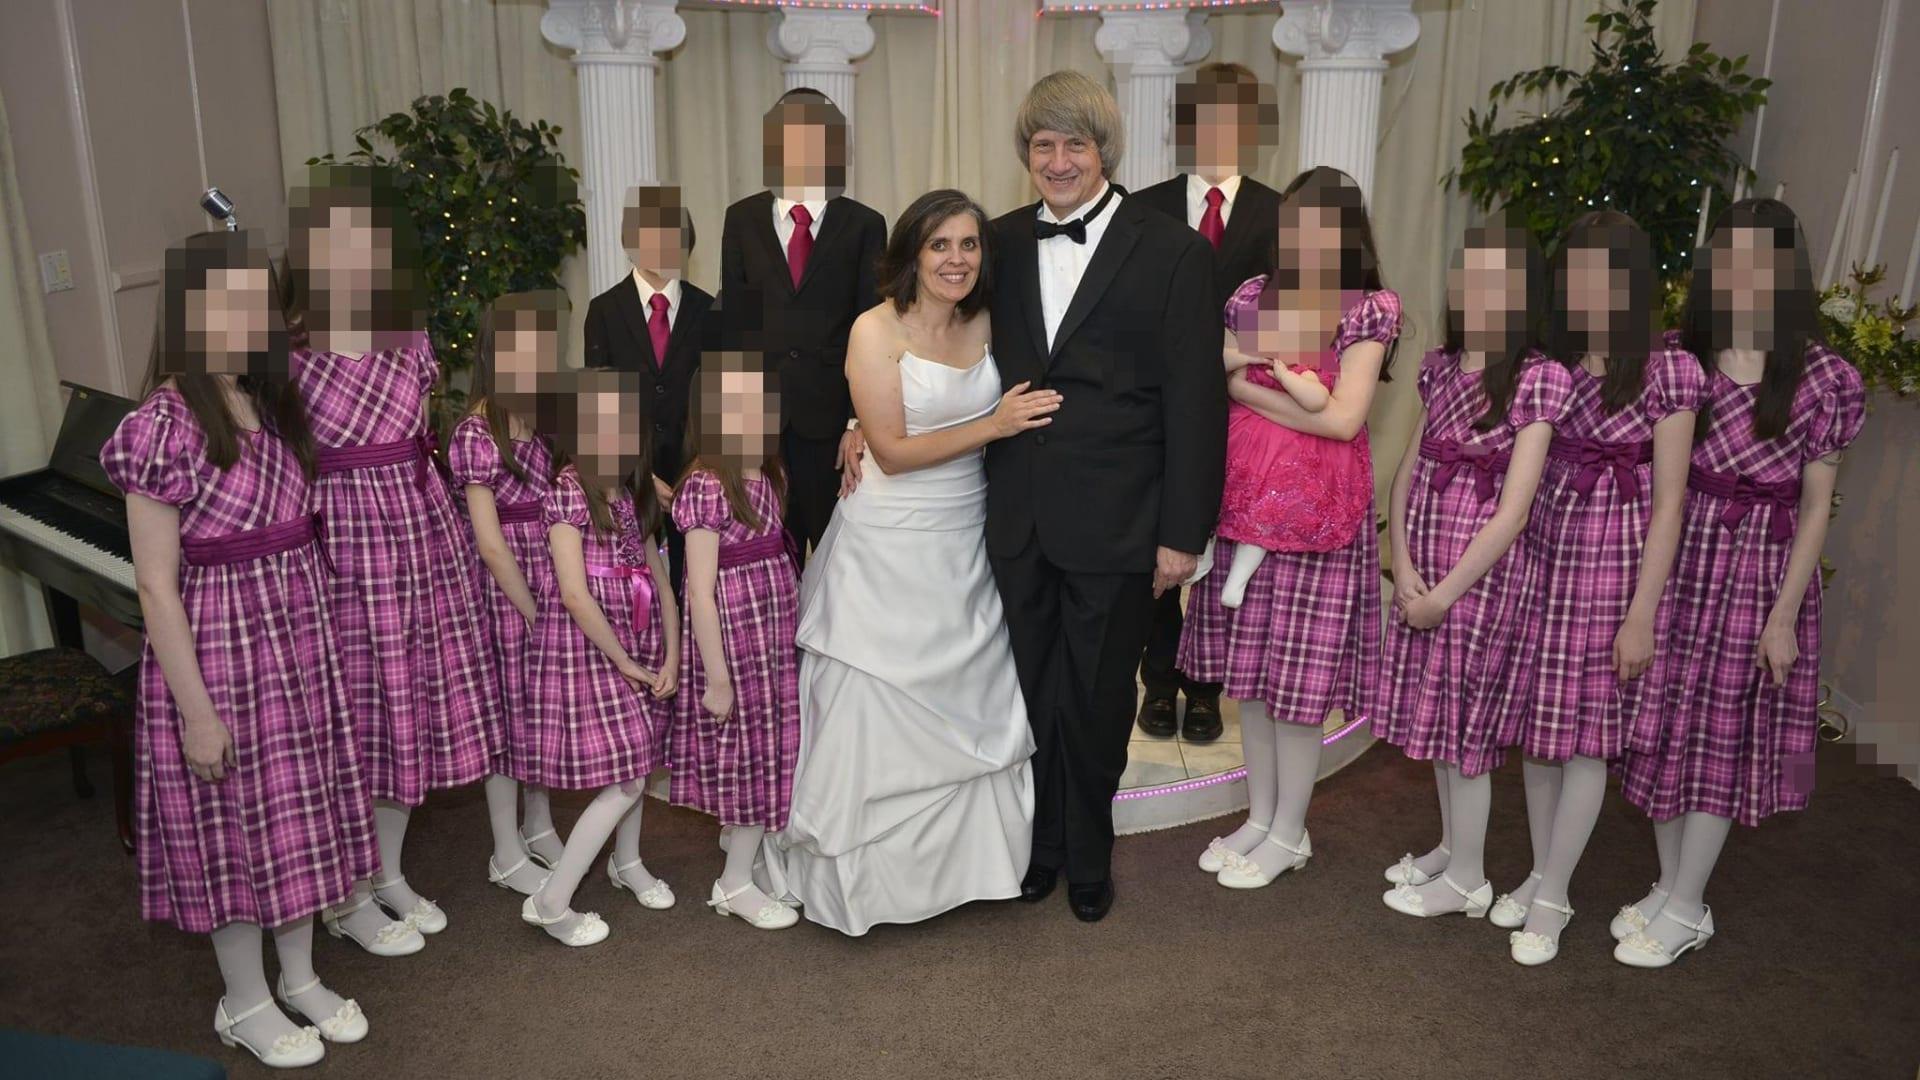 أمريكا: والدان يحبسان أولادهم الـ13 ويكبلانهم بالسلاسل